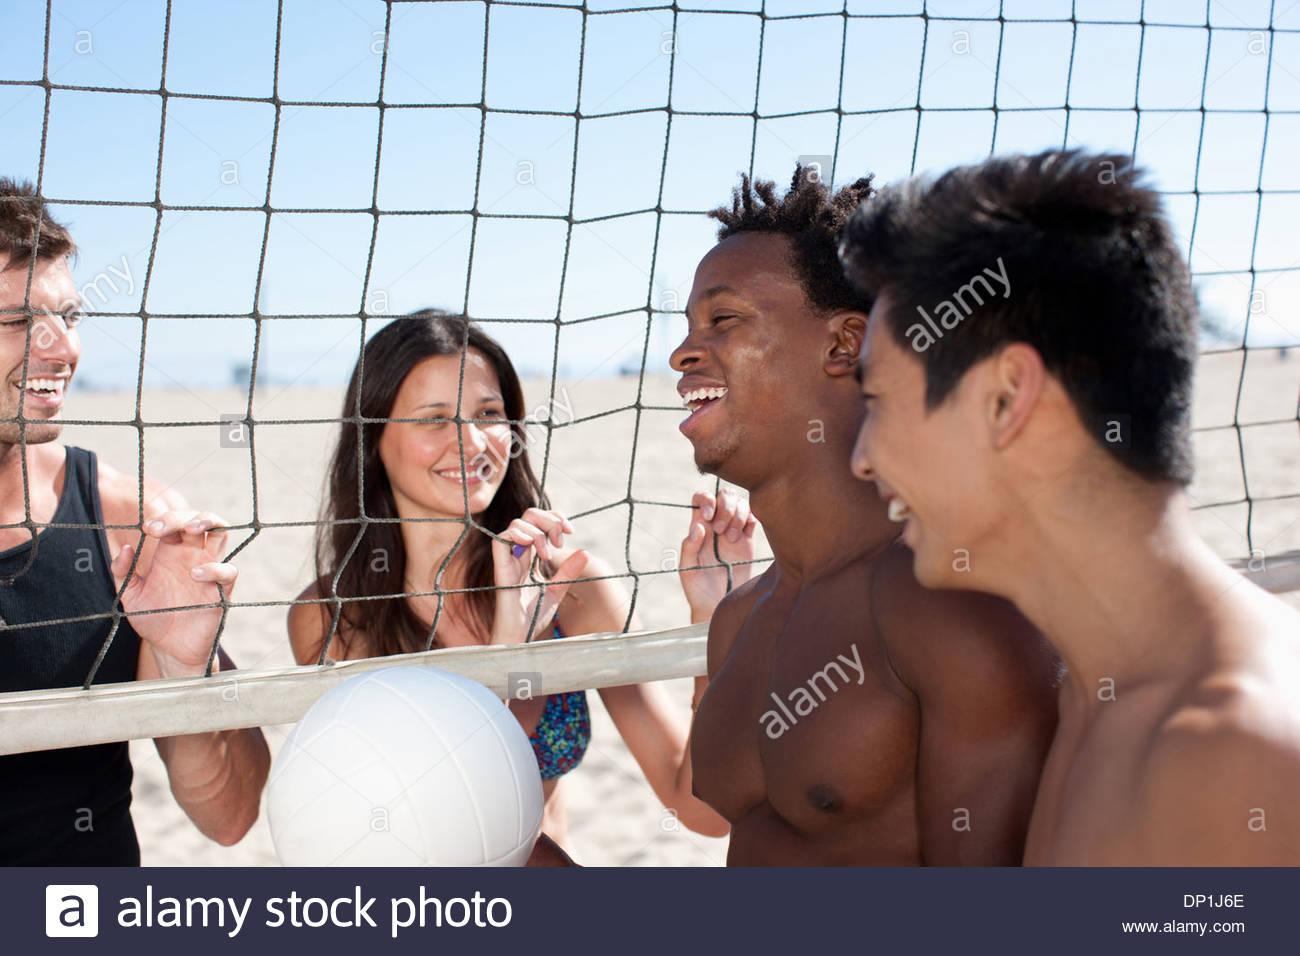 Quatre personnes debout sur le terrain de beach-volley Photo Stock